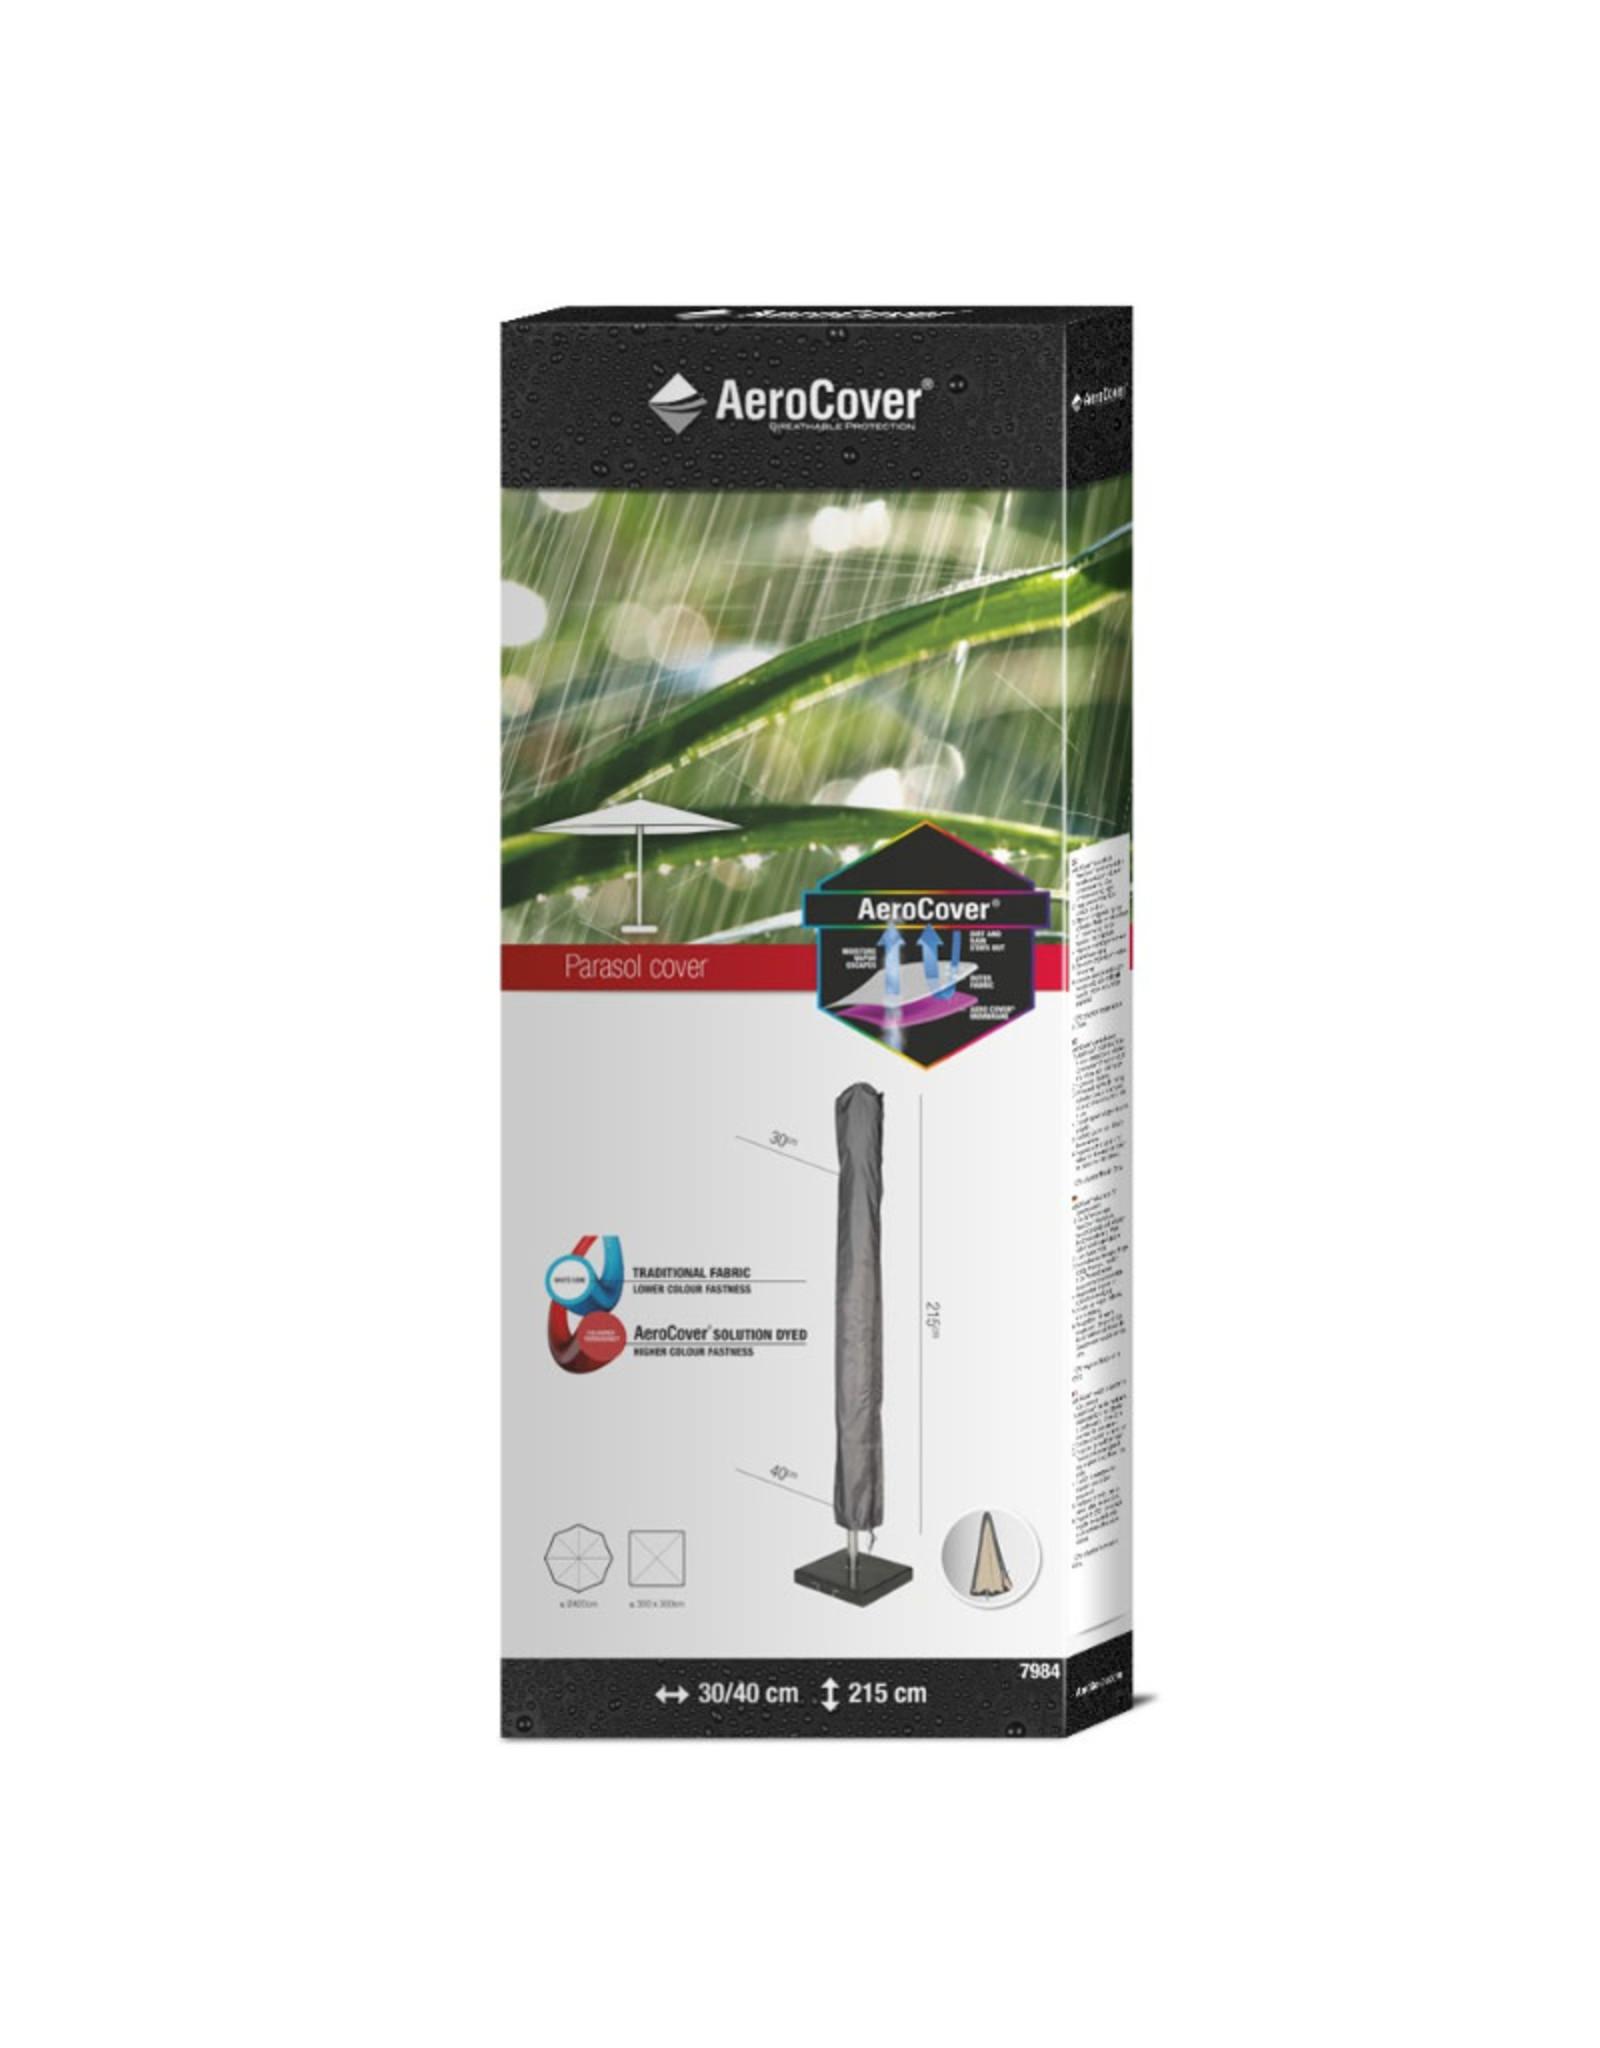 Aerocover AeroCover Parasolhoes H215x30-40